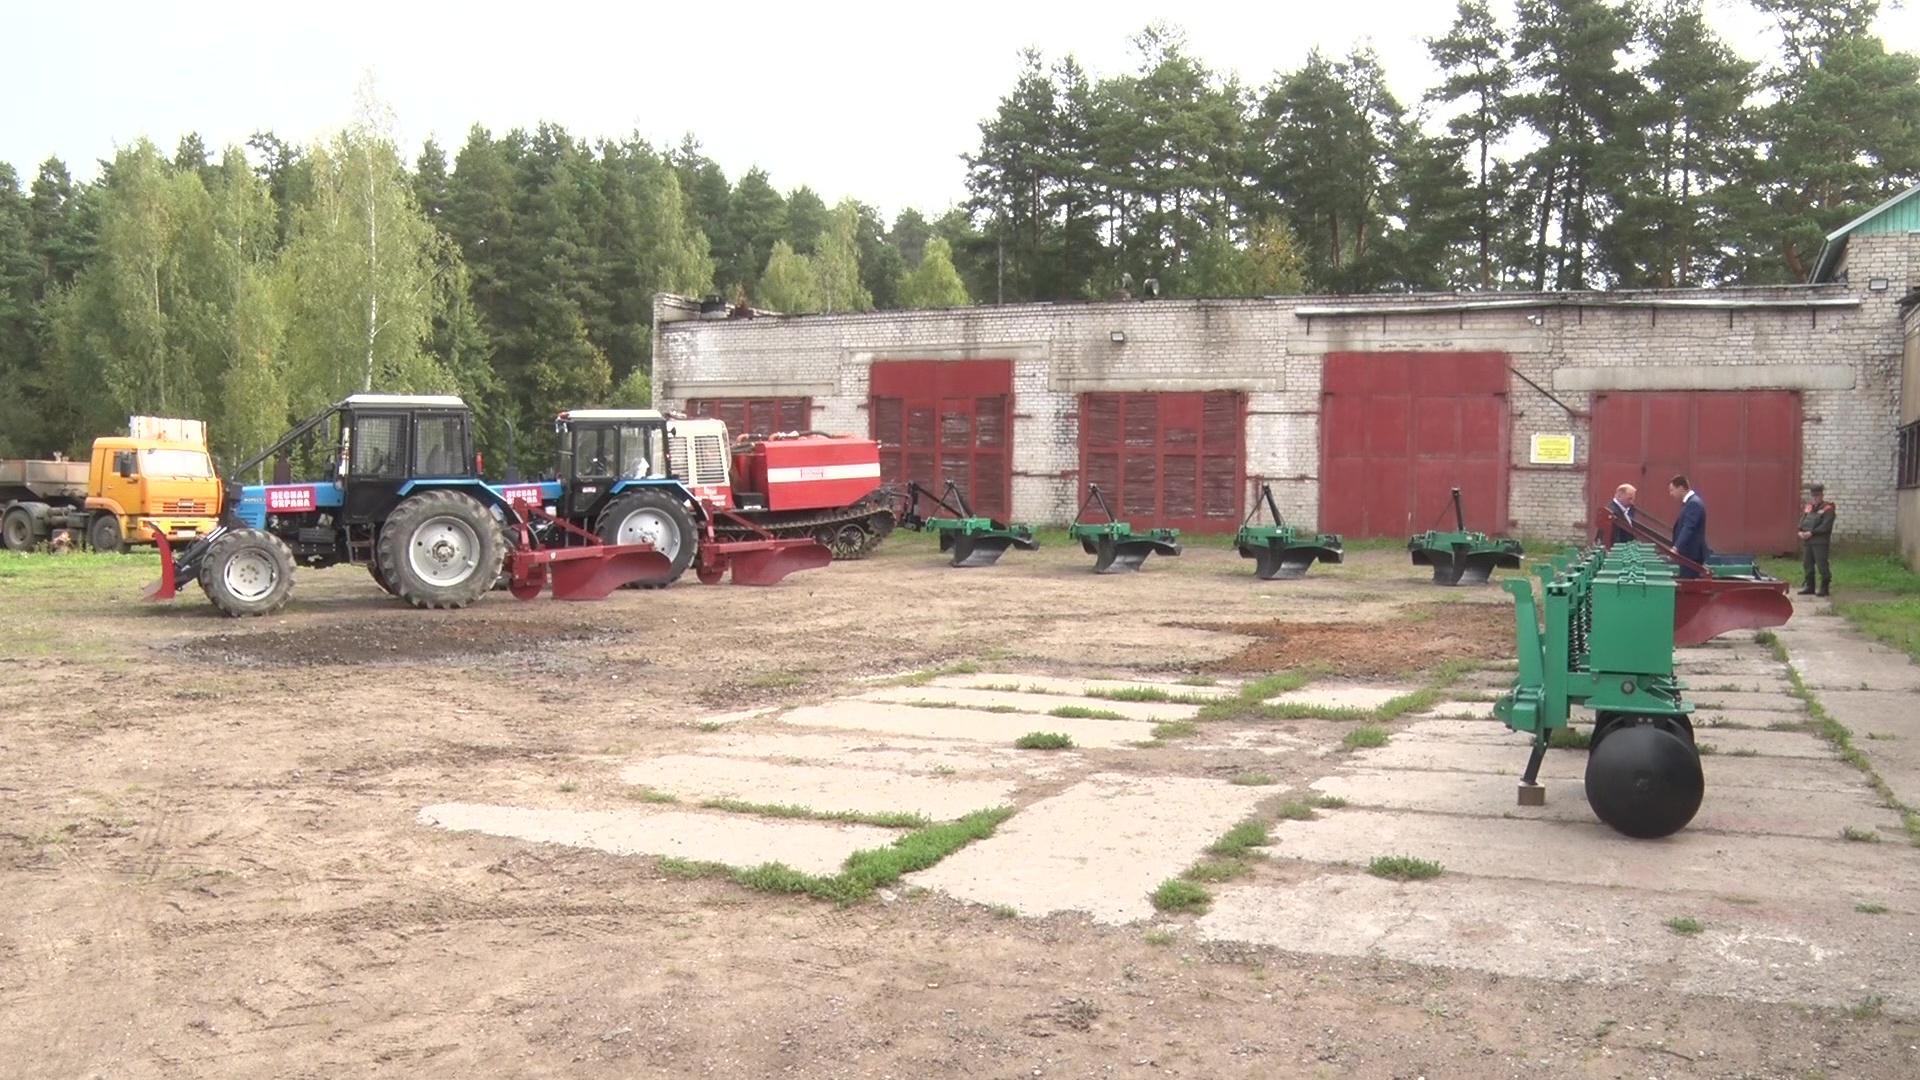 Ярославское лесничество получило новую технику в рамках нацпроекта «Экология»